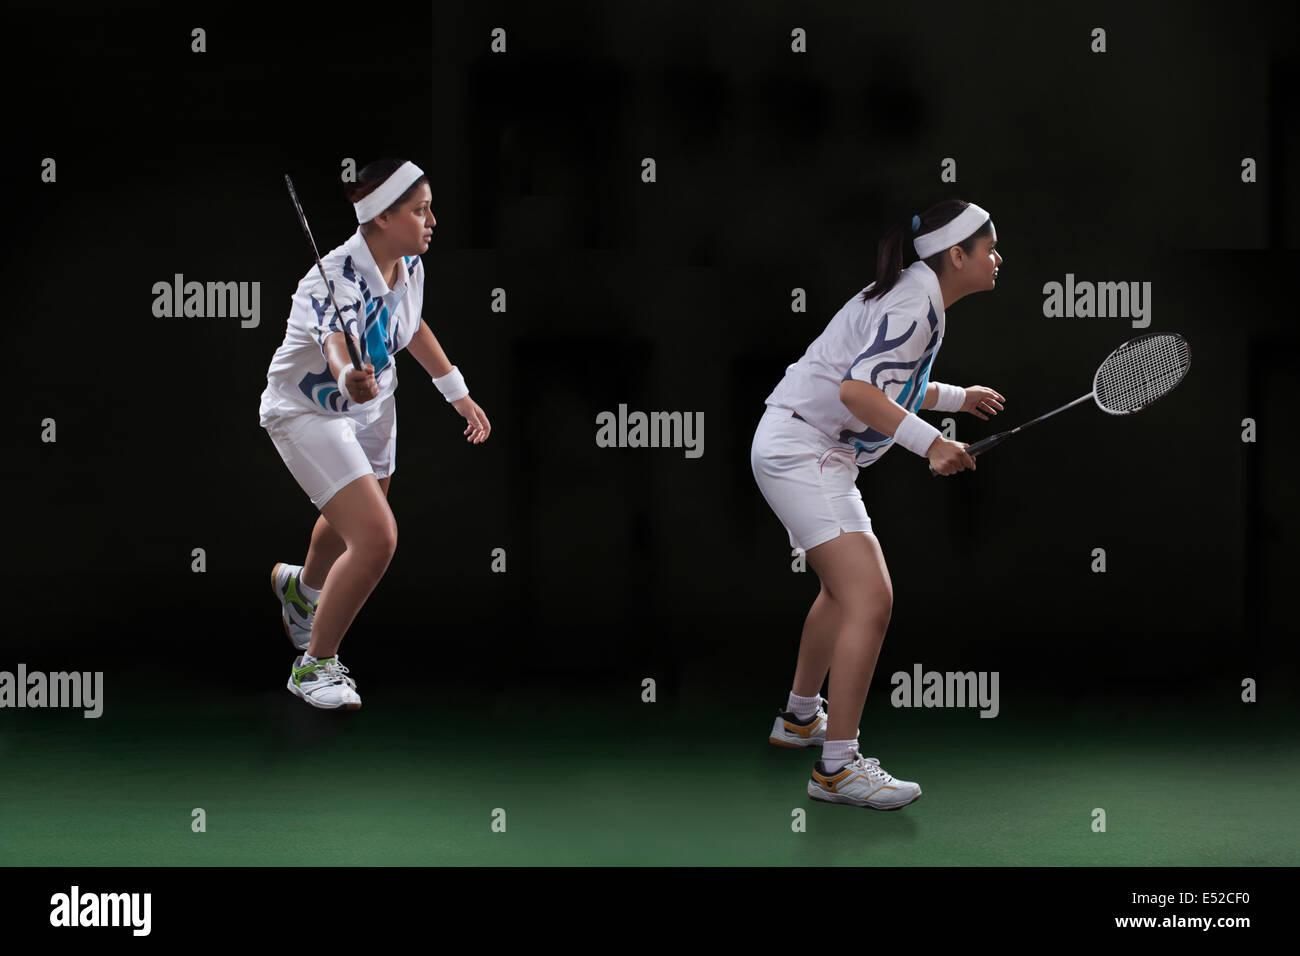 Colpo di profilo femminile di giocatori che giocano raddoppia badminton su sfondo nero Immagini Stock